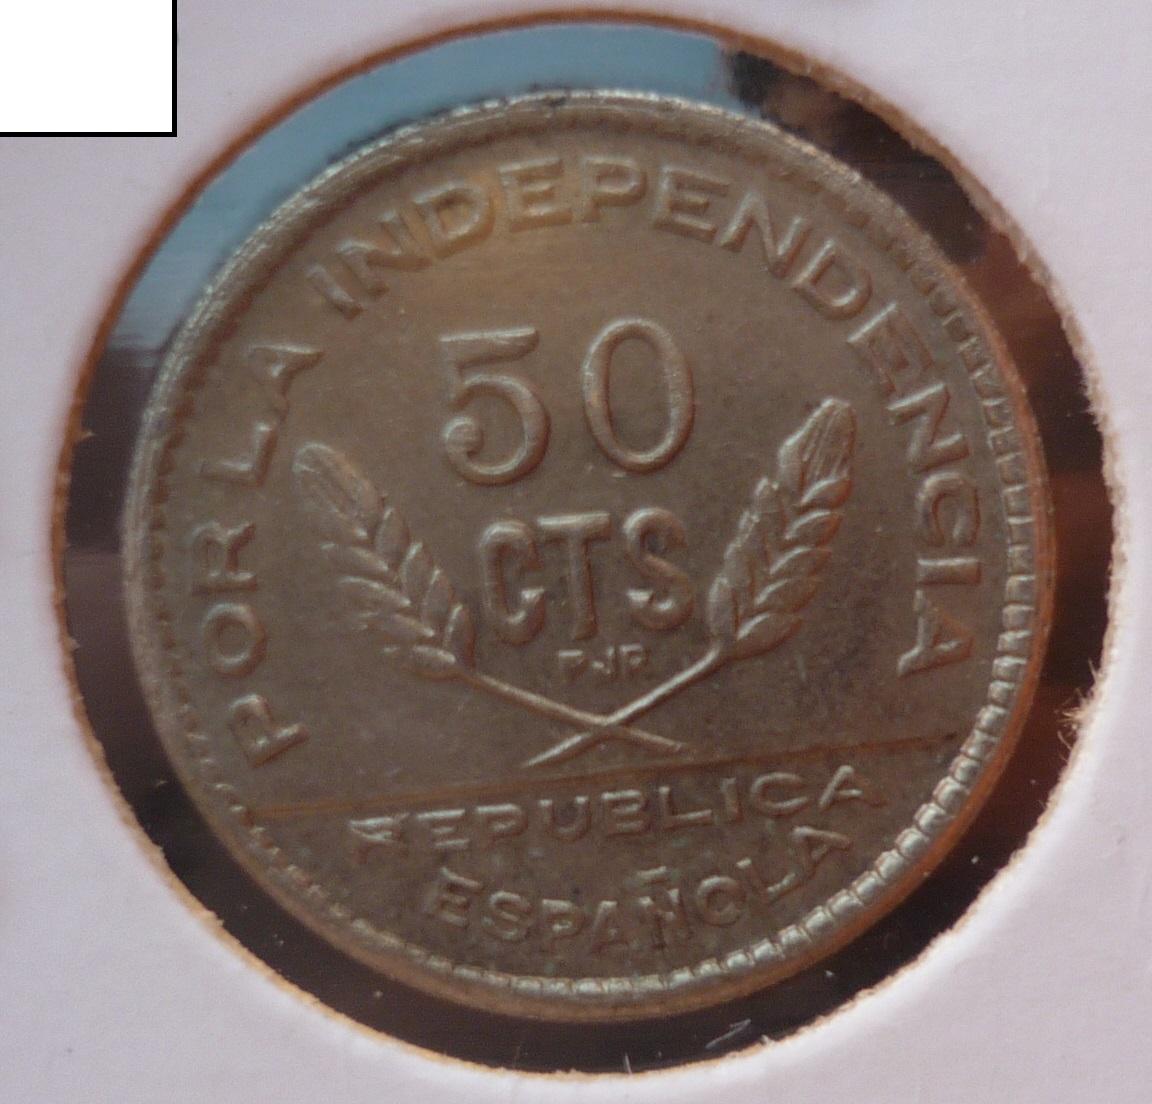 50 cts Santander, Palencia y Burgos PJR P1040274